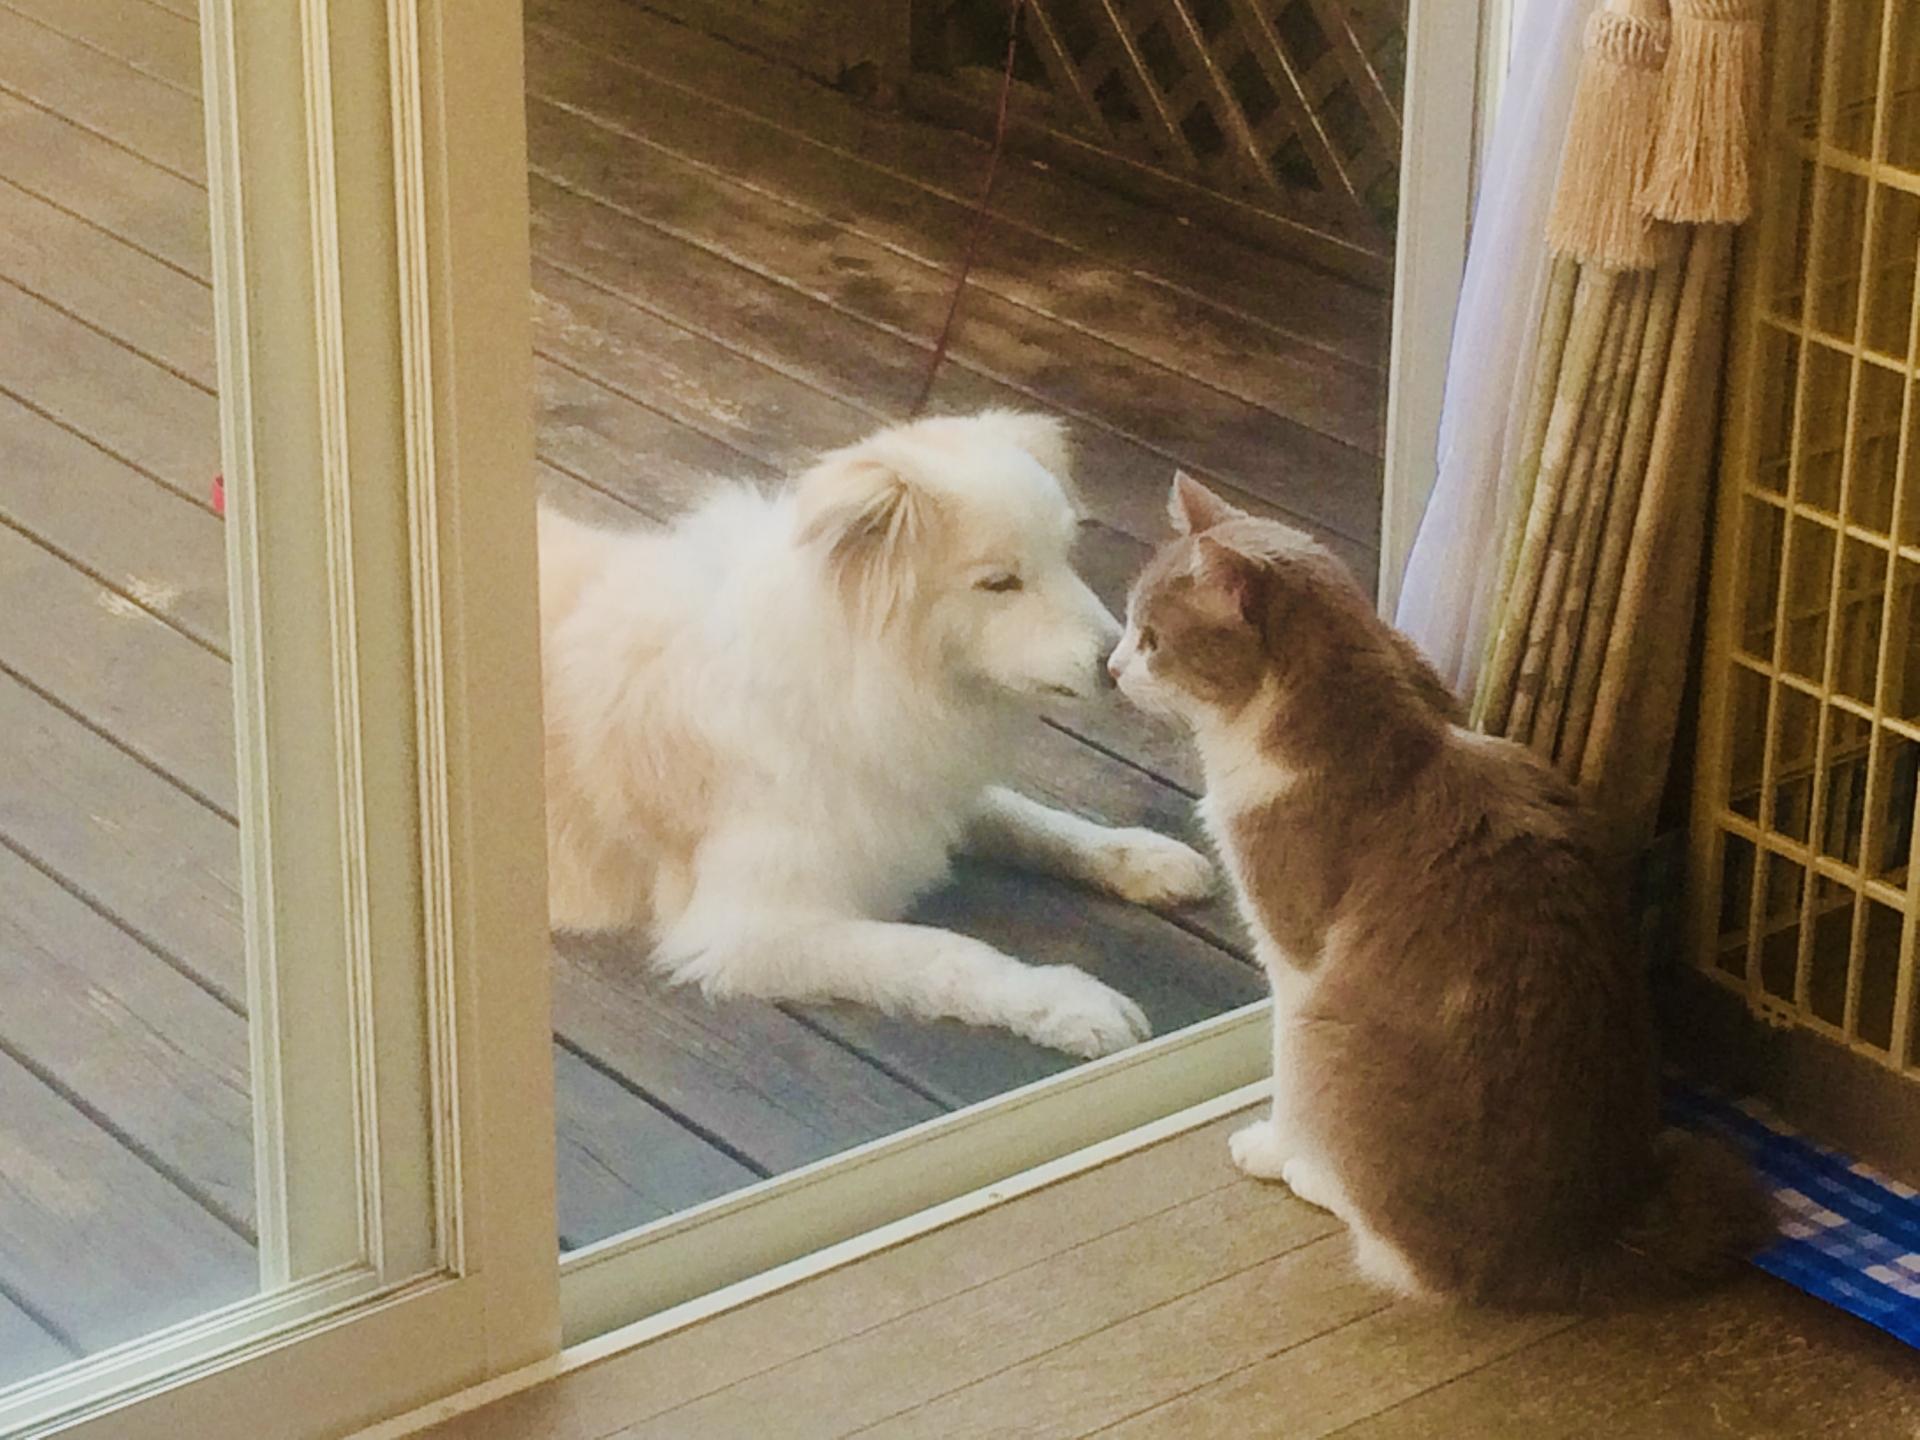 並んで外を見る犬と猫